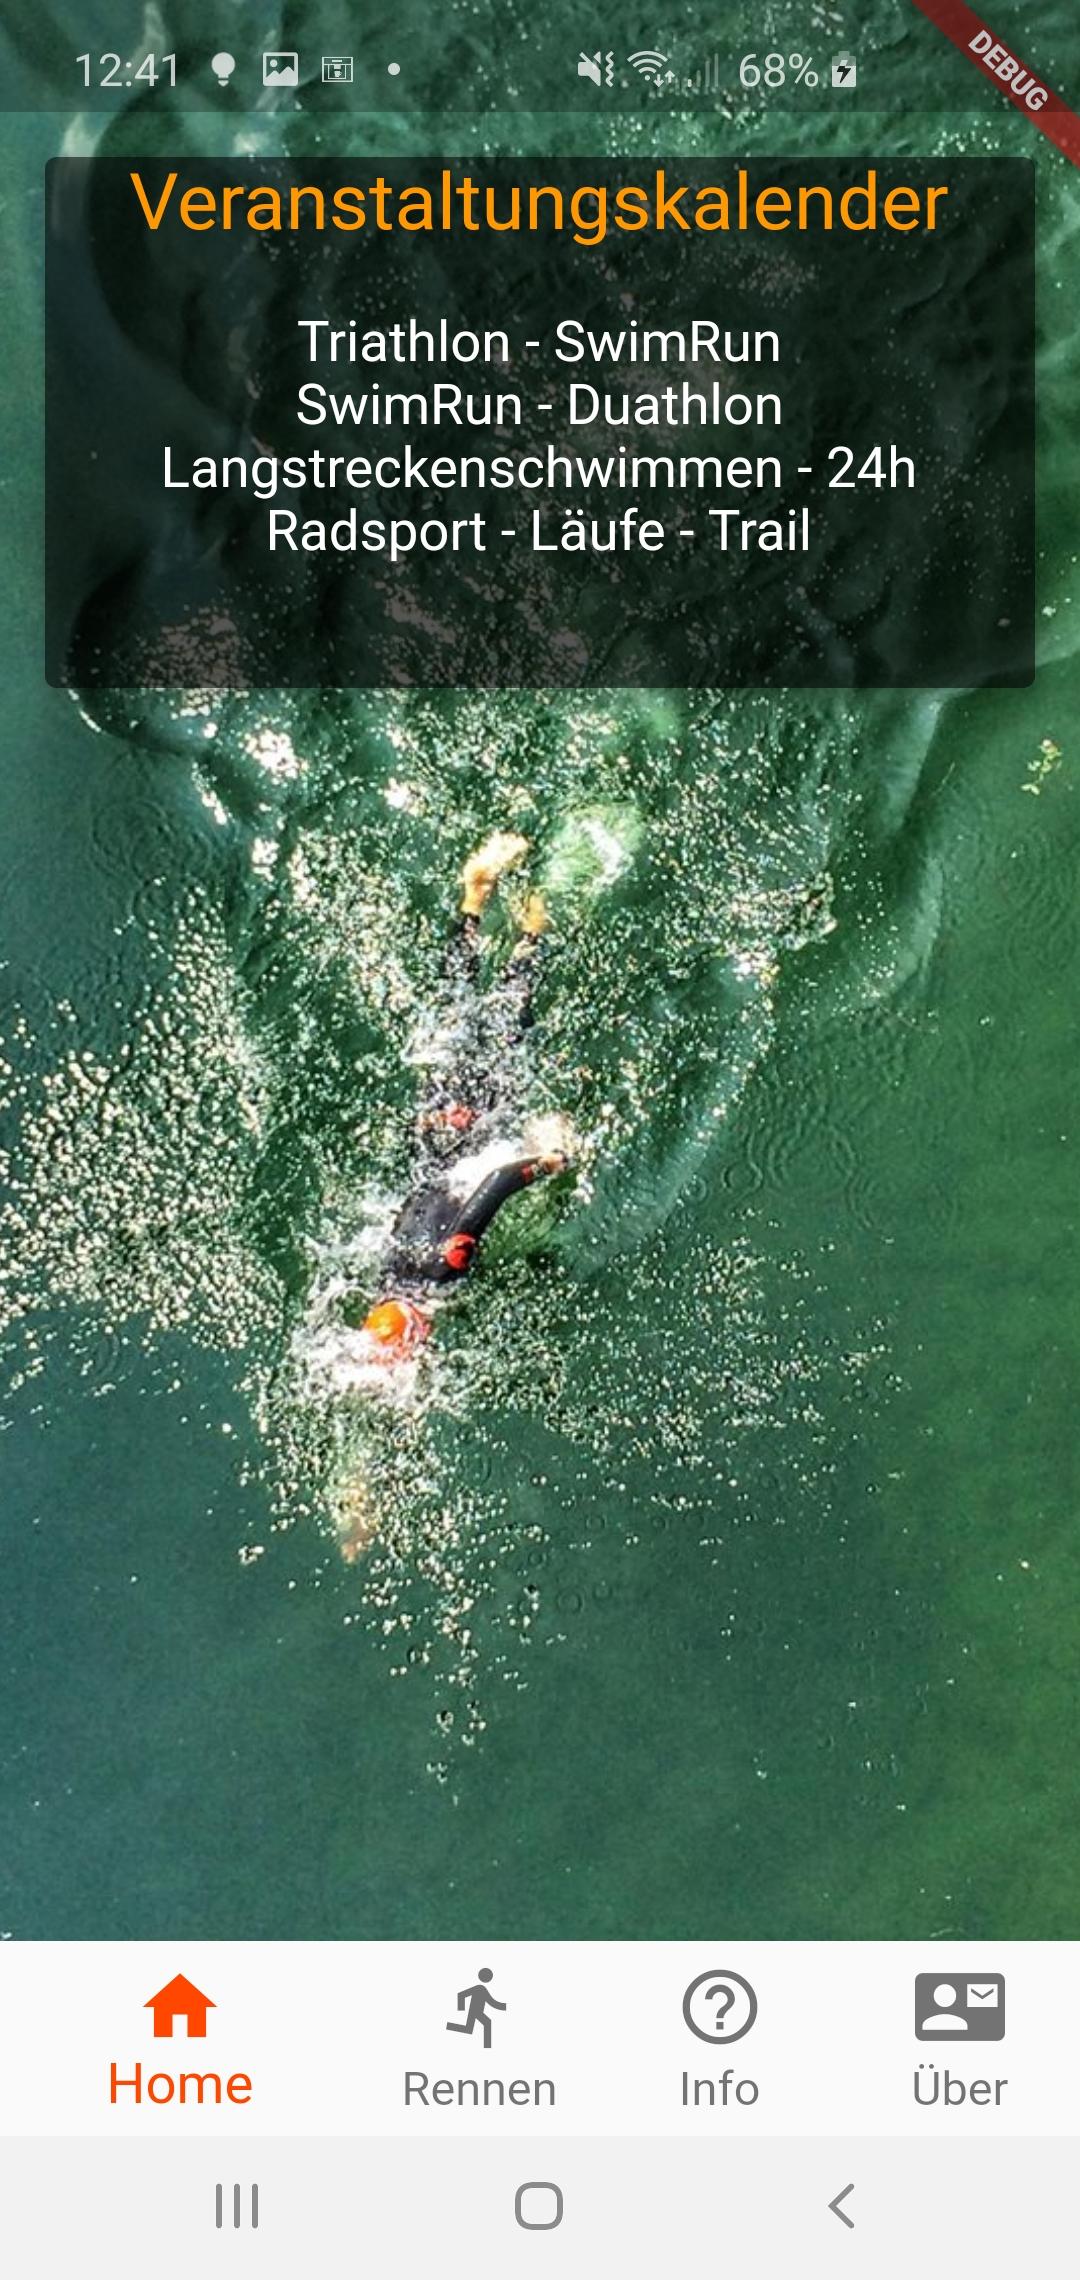 App Entwicklung - Going Tough - Triathlon Veranstaltungen für Android und IOS 1